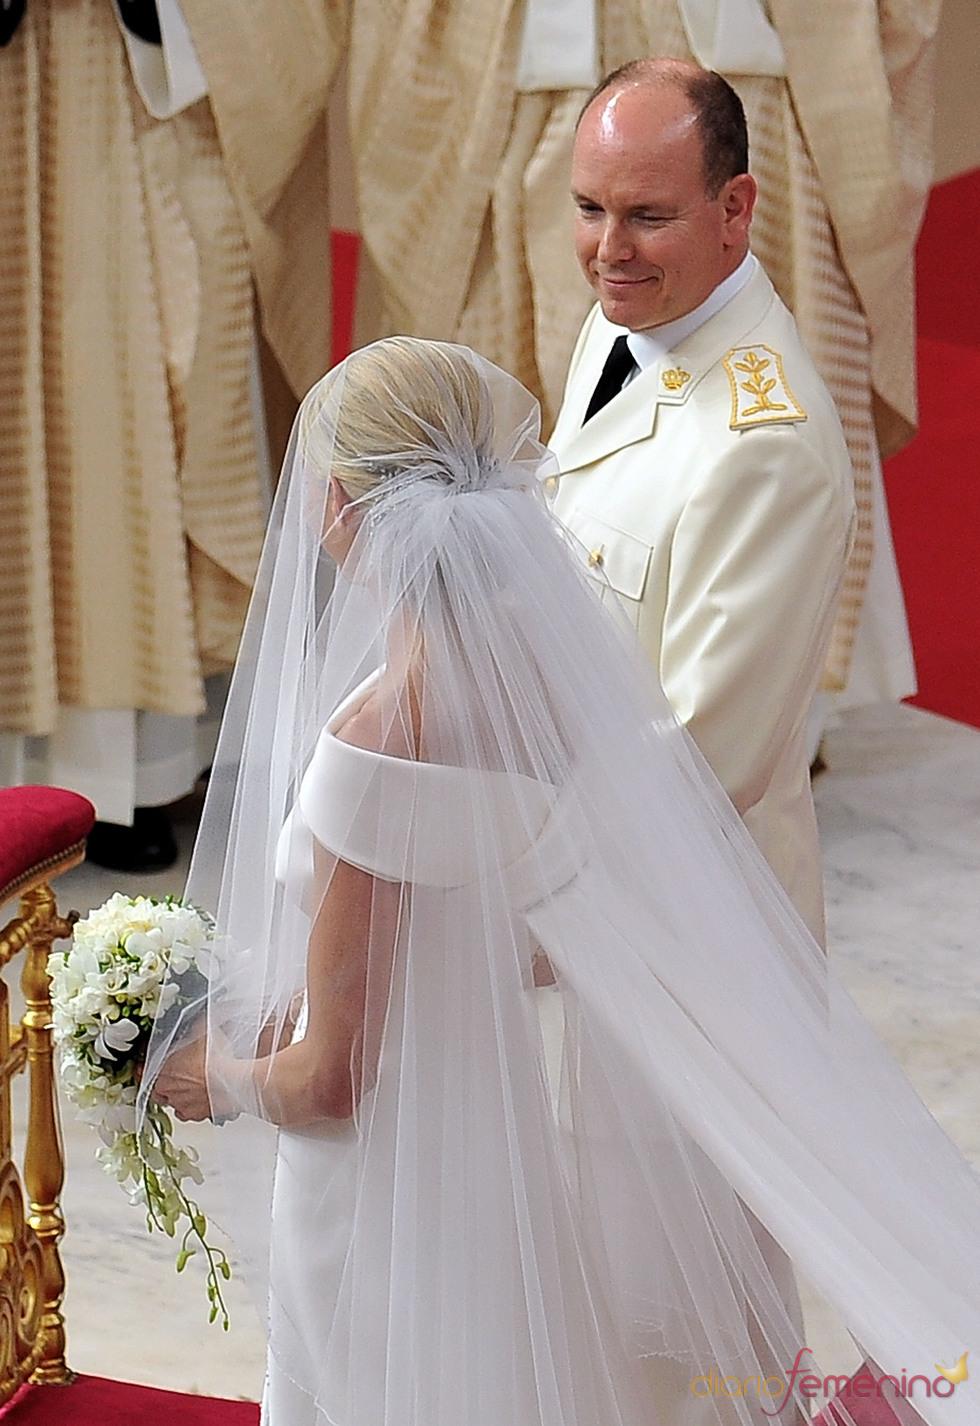 Albero de Mónaco mira a Charlene Wittstock durante la ceremonia religiosa de la Boda Real